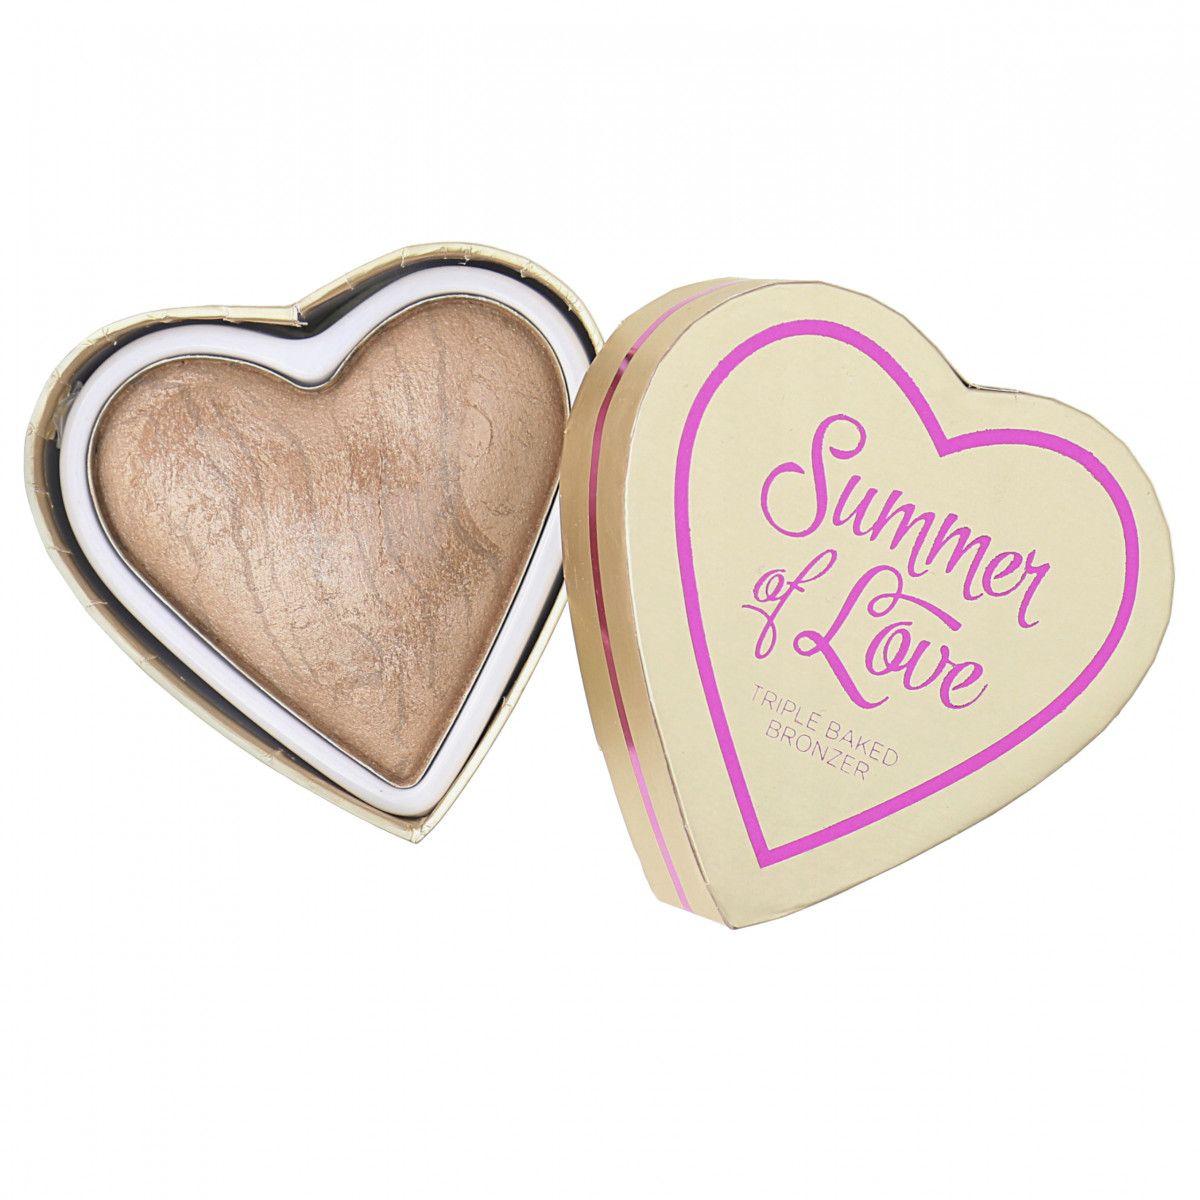 Makeup Revolution I Heart Makeup Summer of Love bronzer 10 g